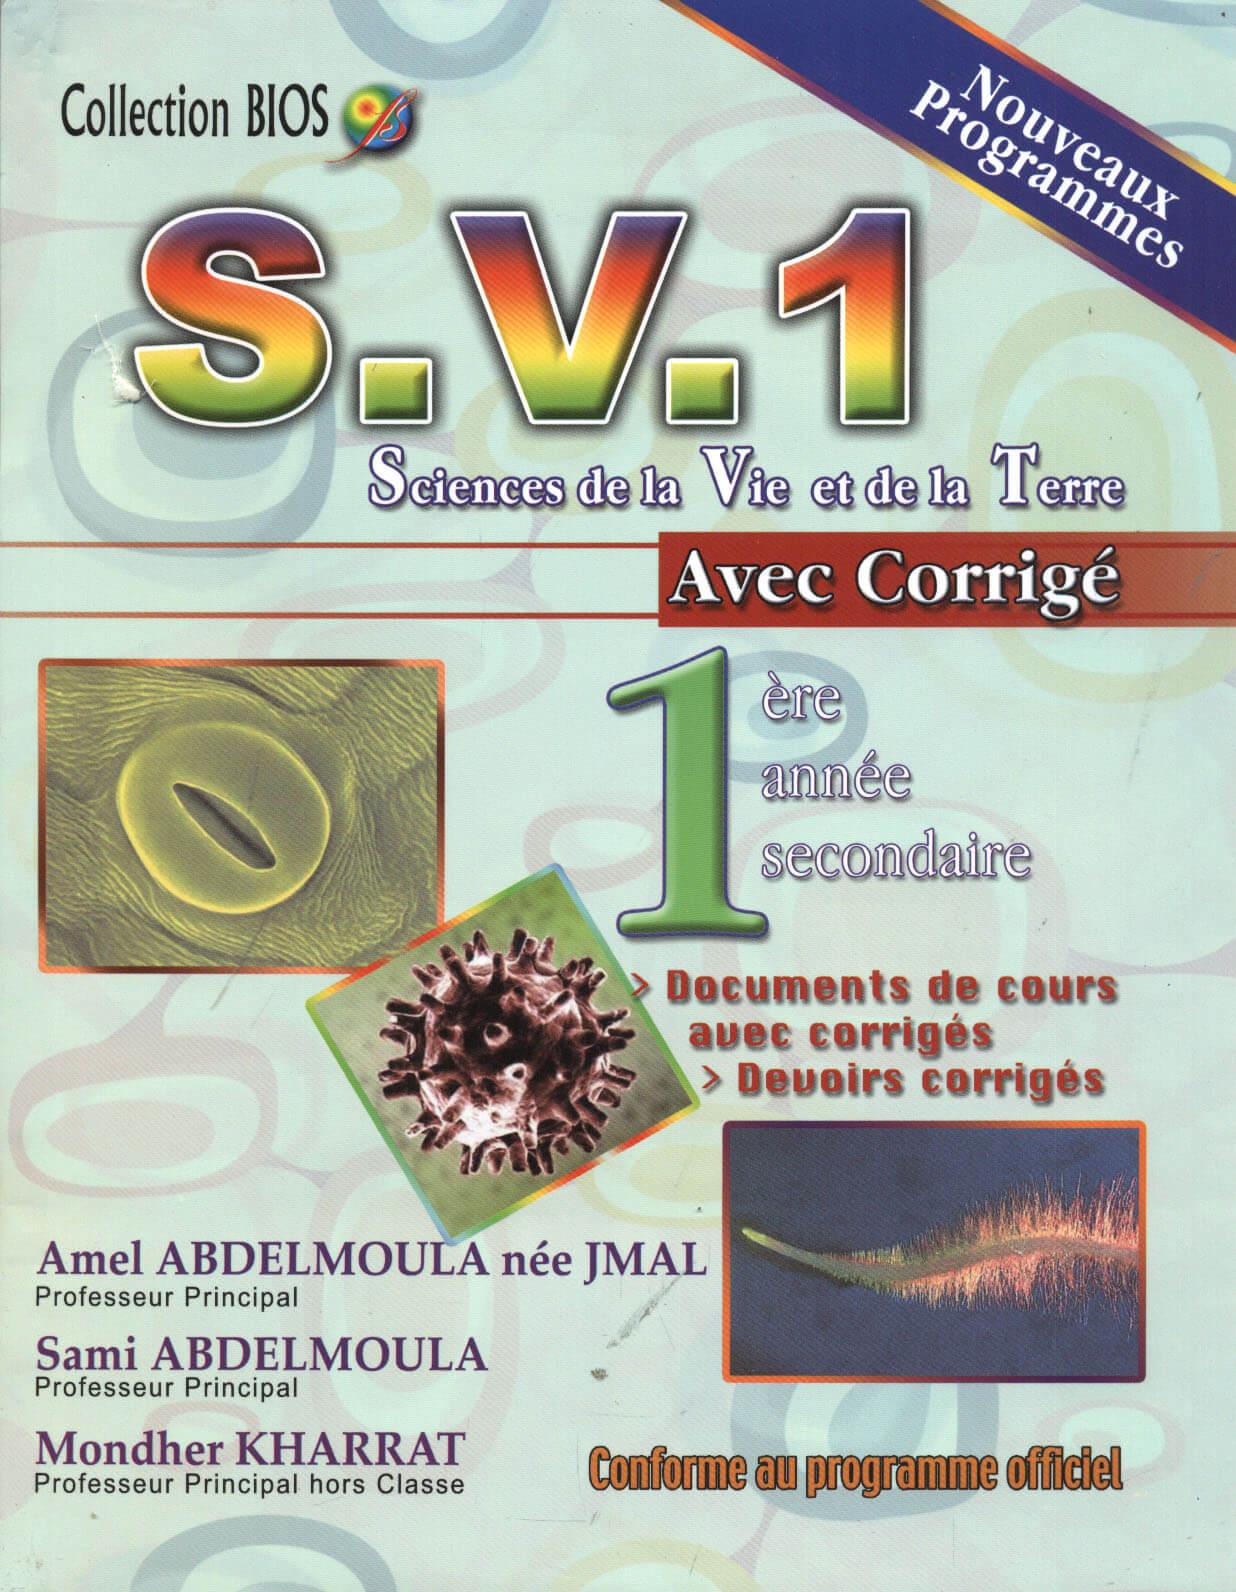 S.V.1 SCIENCES DE LA VIE ET DE LA TERRE AVEC CORRIGE